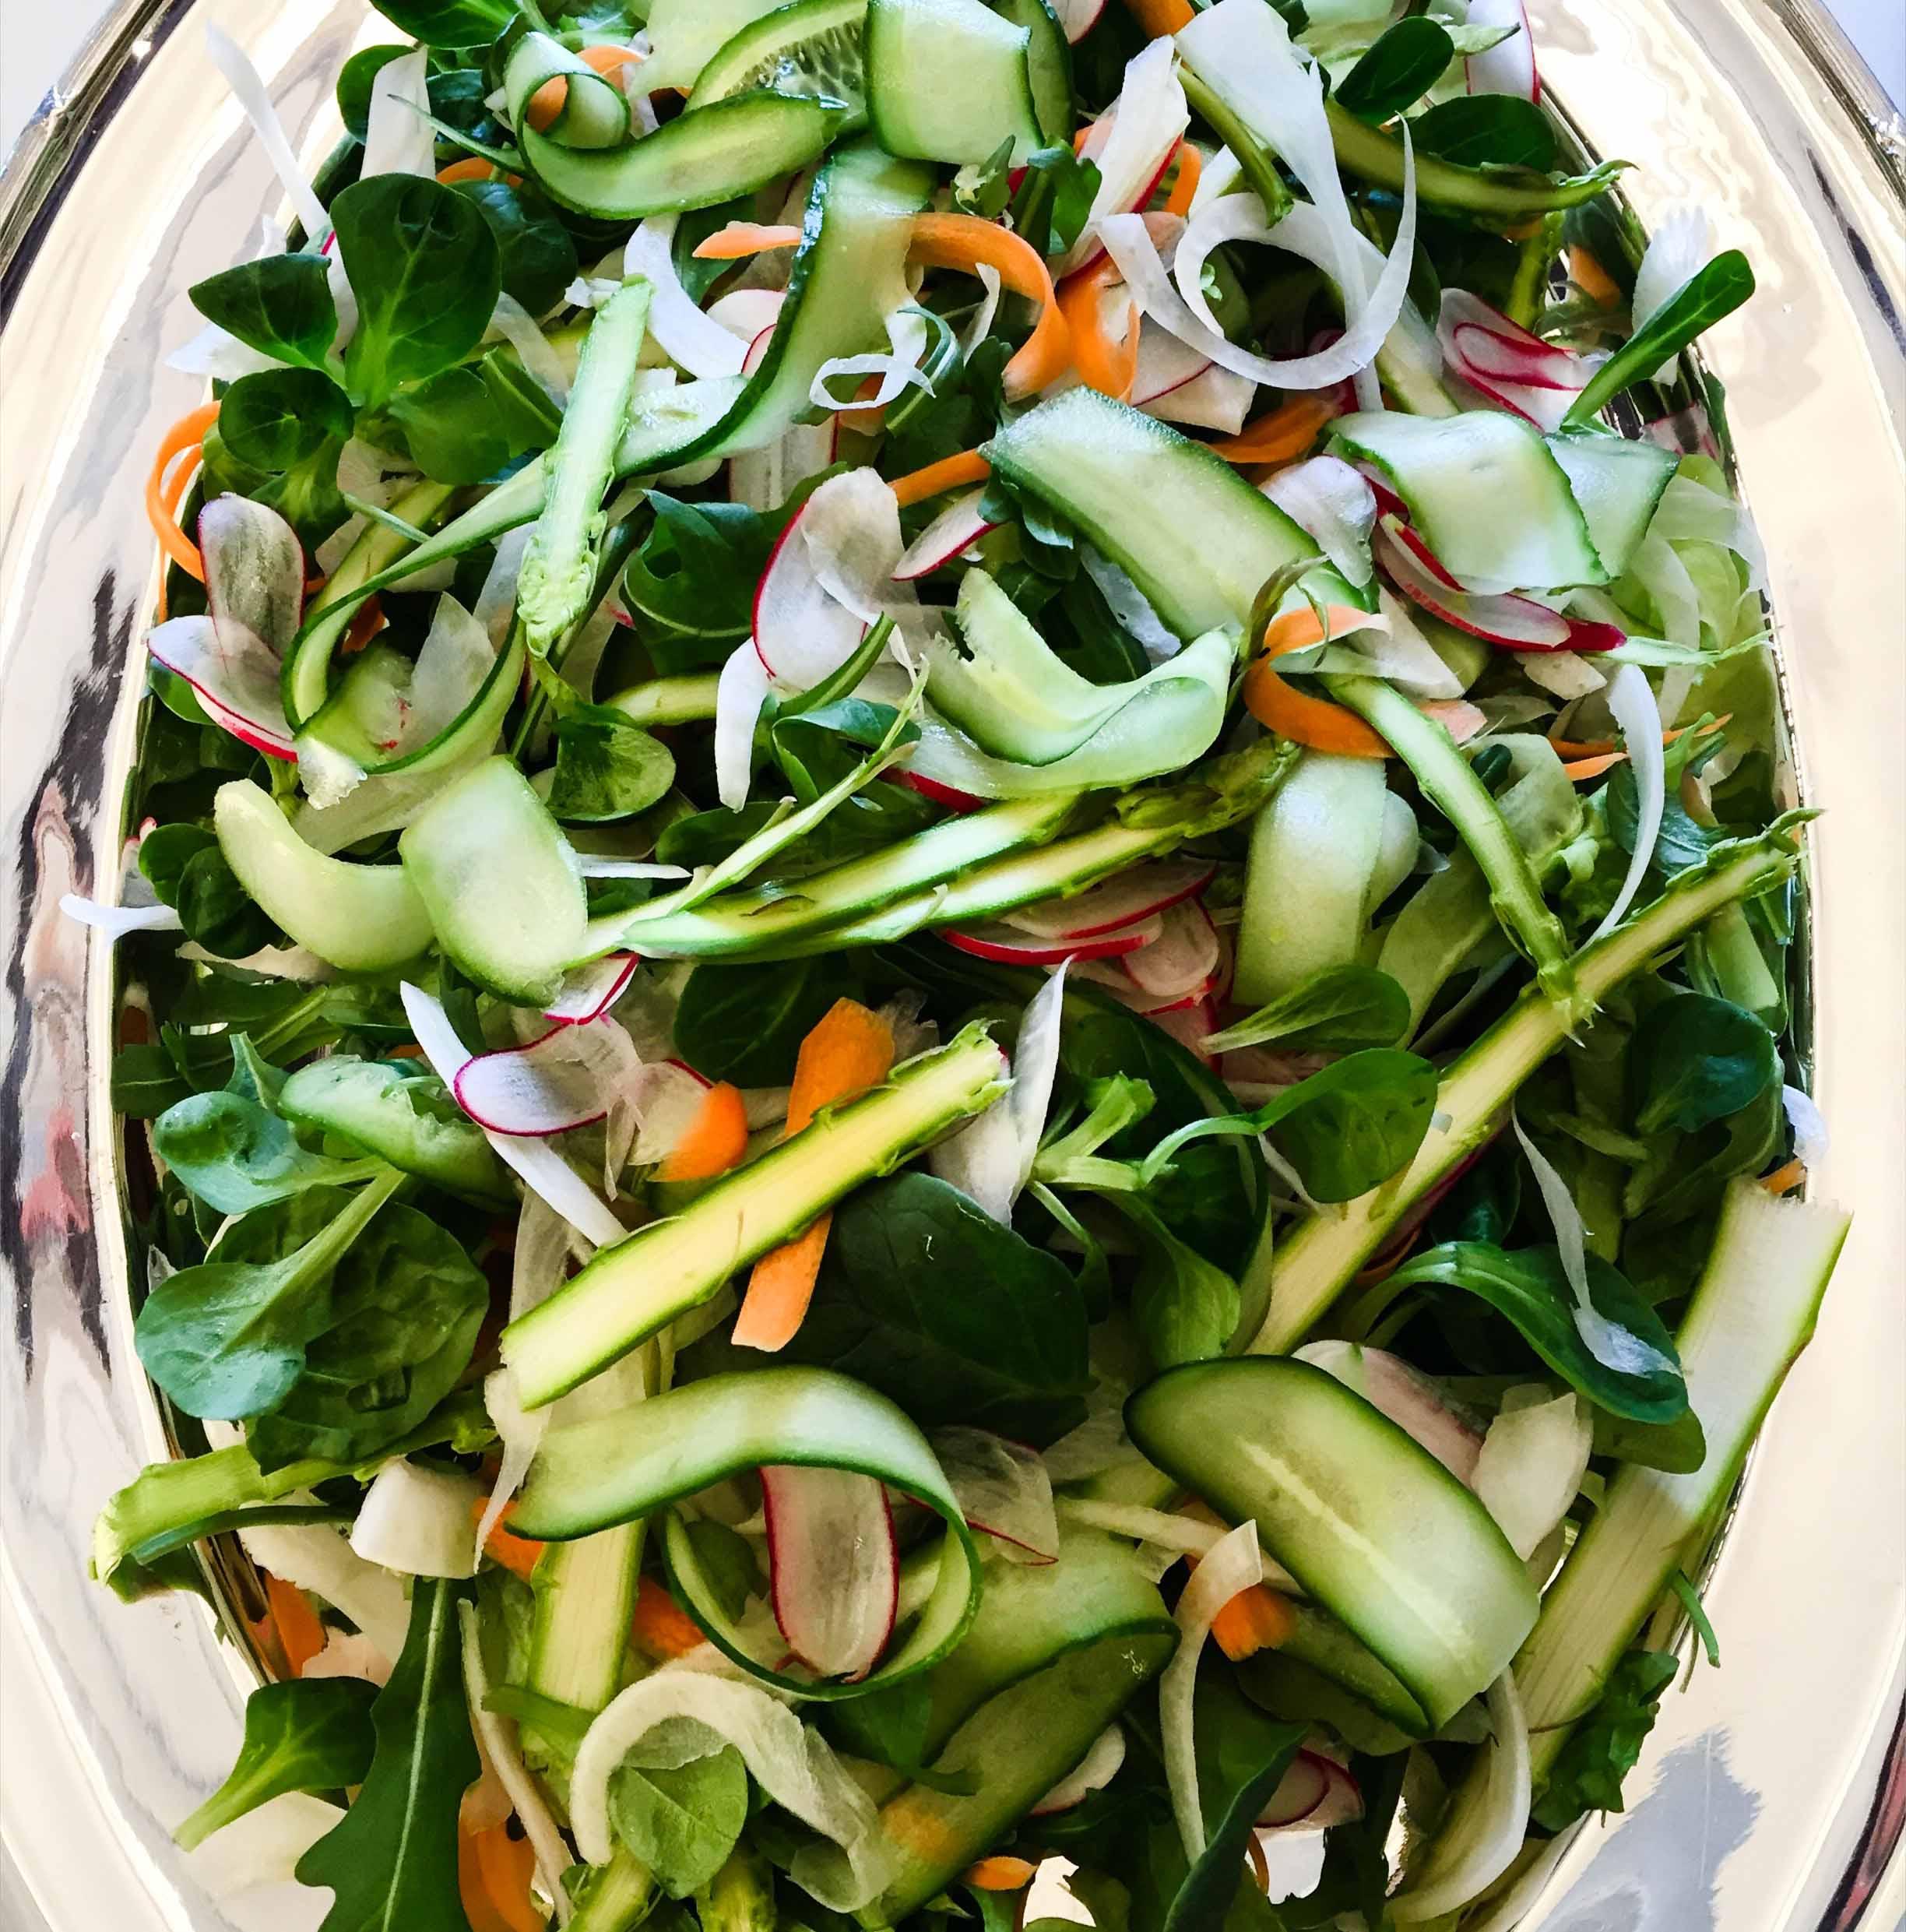 Shaved springtime salad